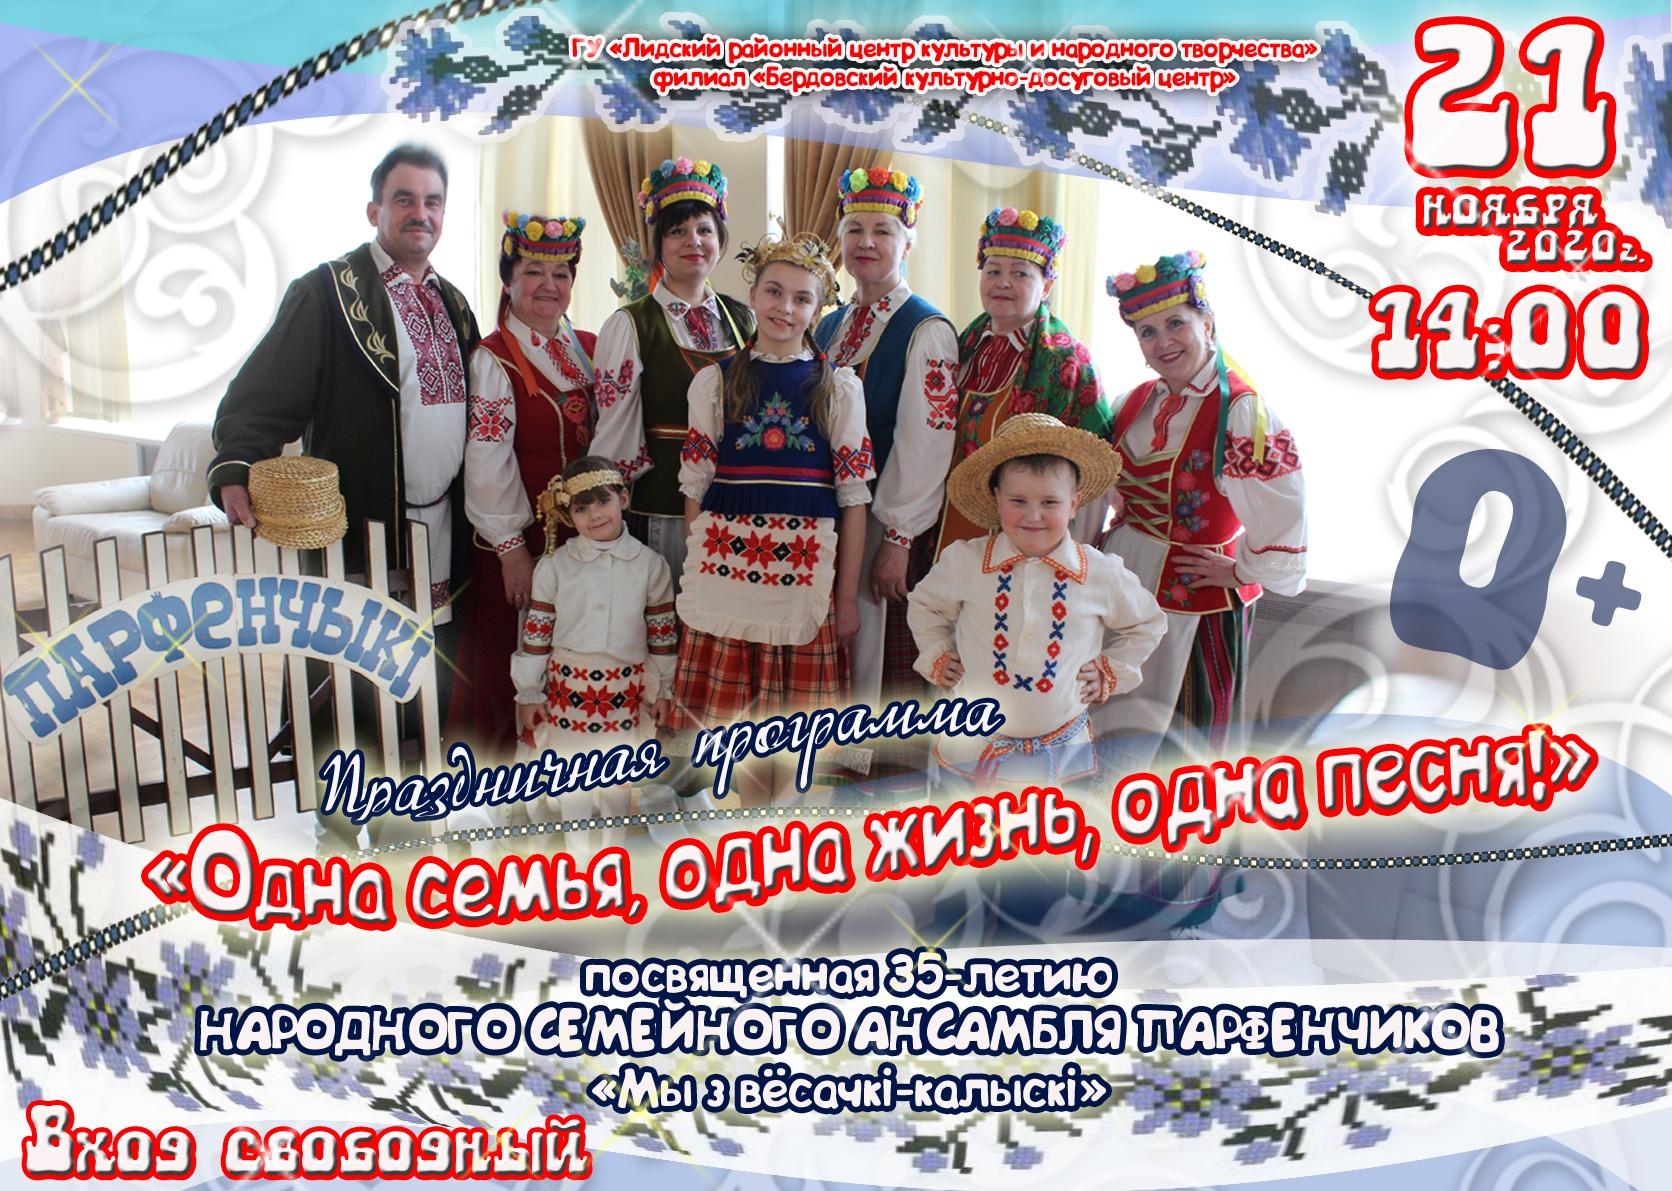 Праздничная программа, посвященная 35-летию народного семейного ансамбля Парфенчиков, пройдет на Лидчине.